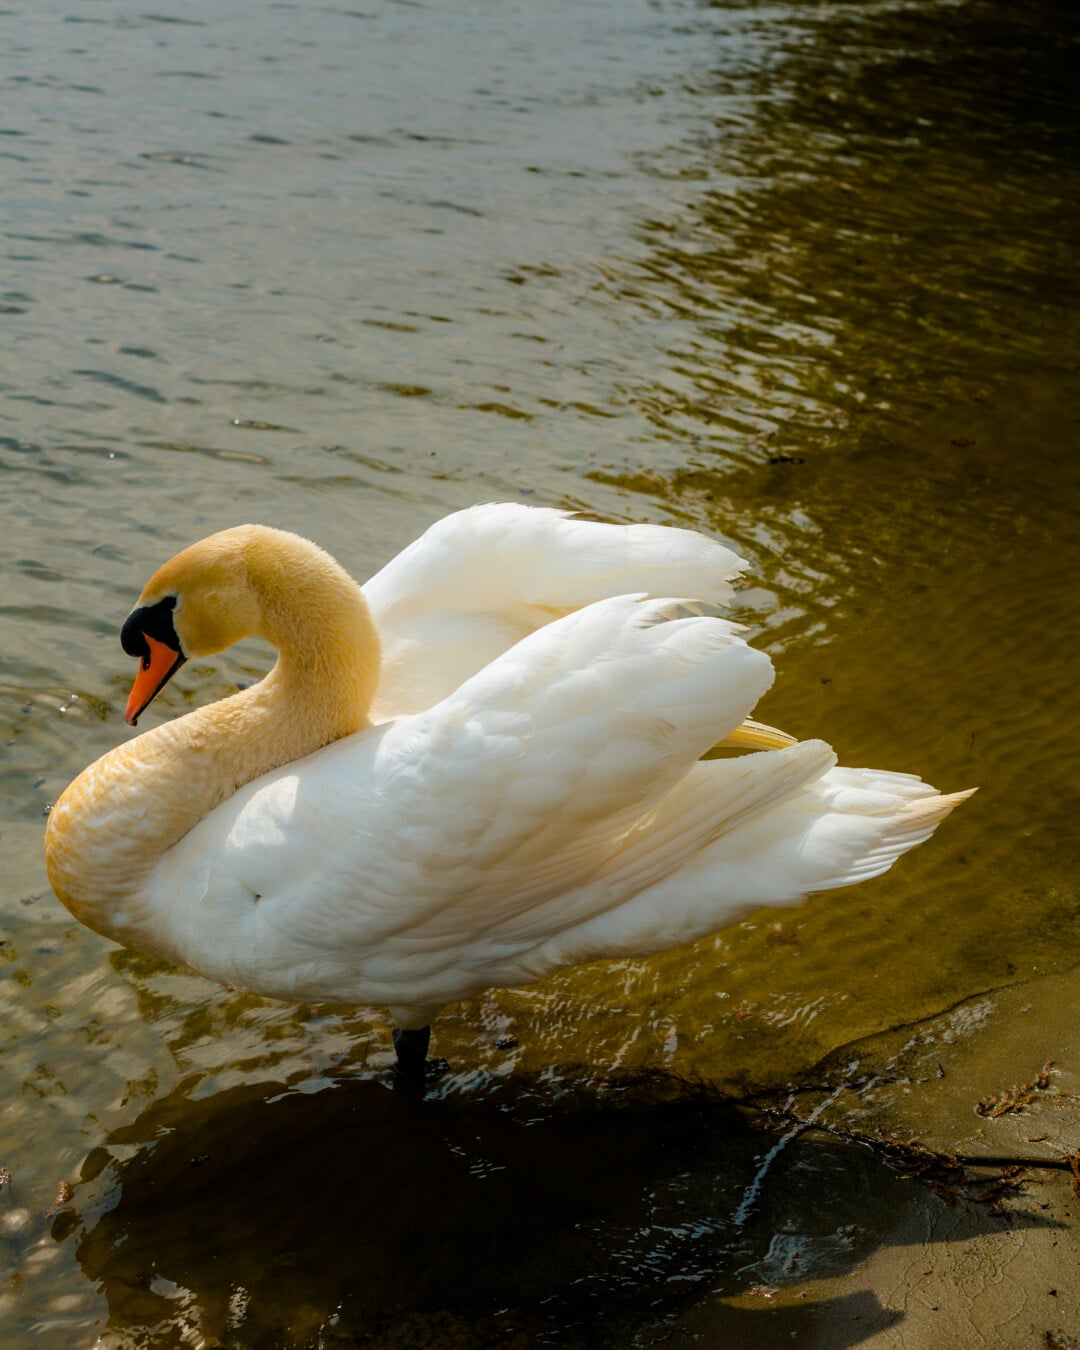 Schwan, Anmut, Hals, Seitenansicht, Natur, Vogel, Wasservögel, Wasser, See, aquatische Vogel